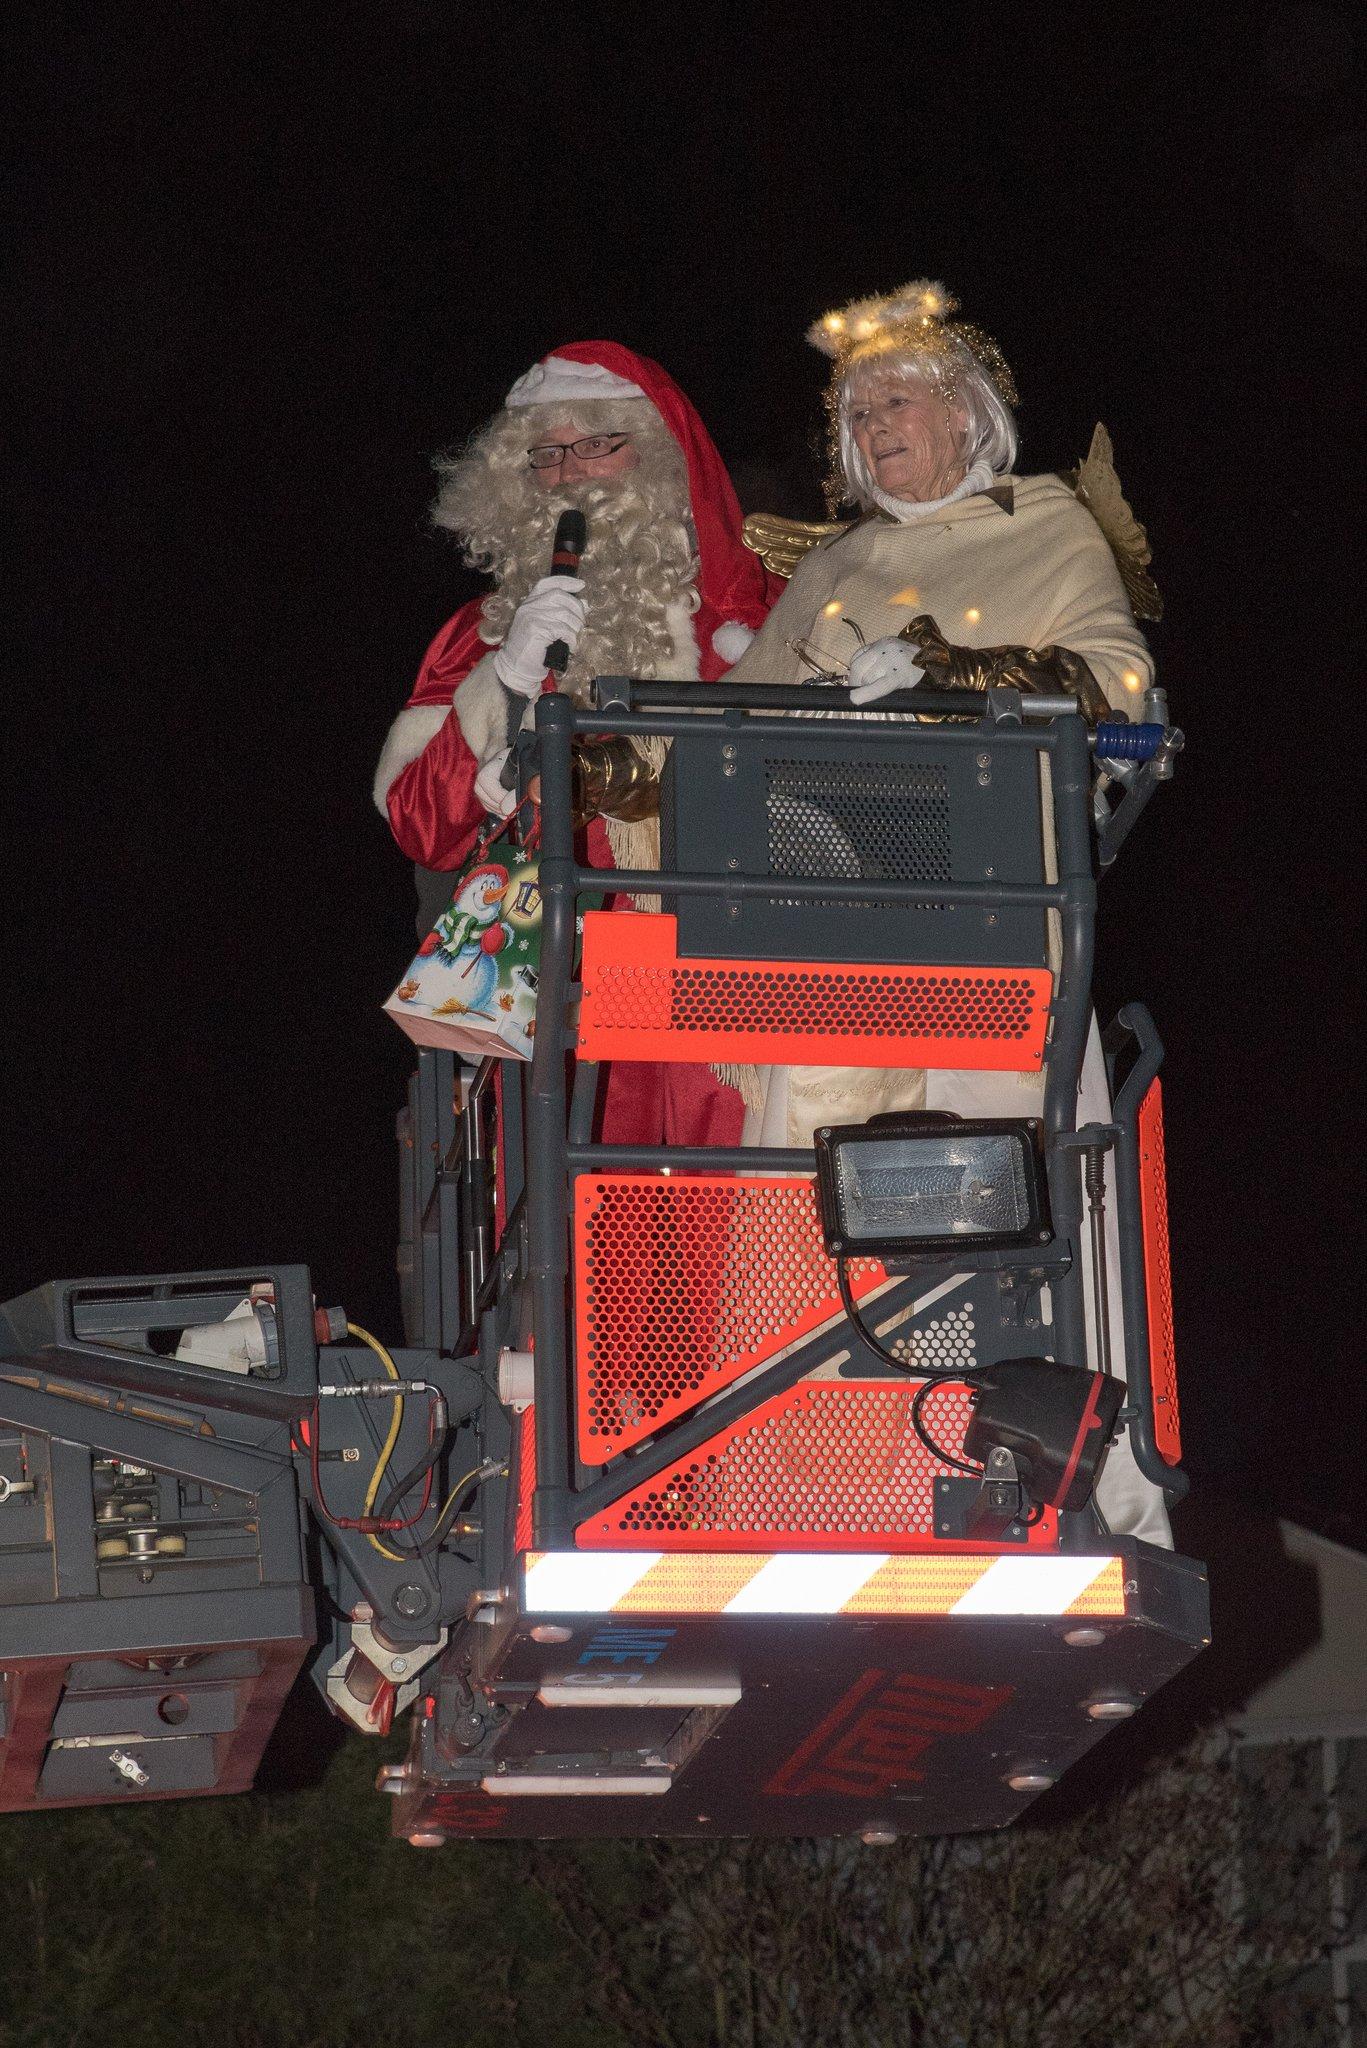 Der Nikolaus stieg die Himmelsleiter herab - Langenfeld (Rheinland)